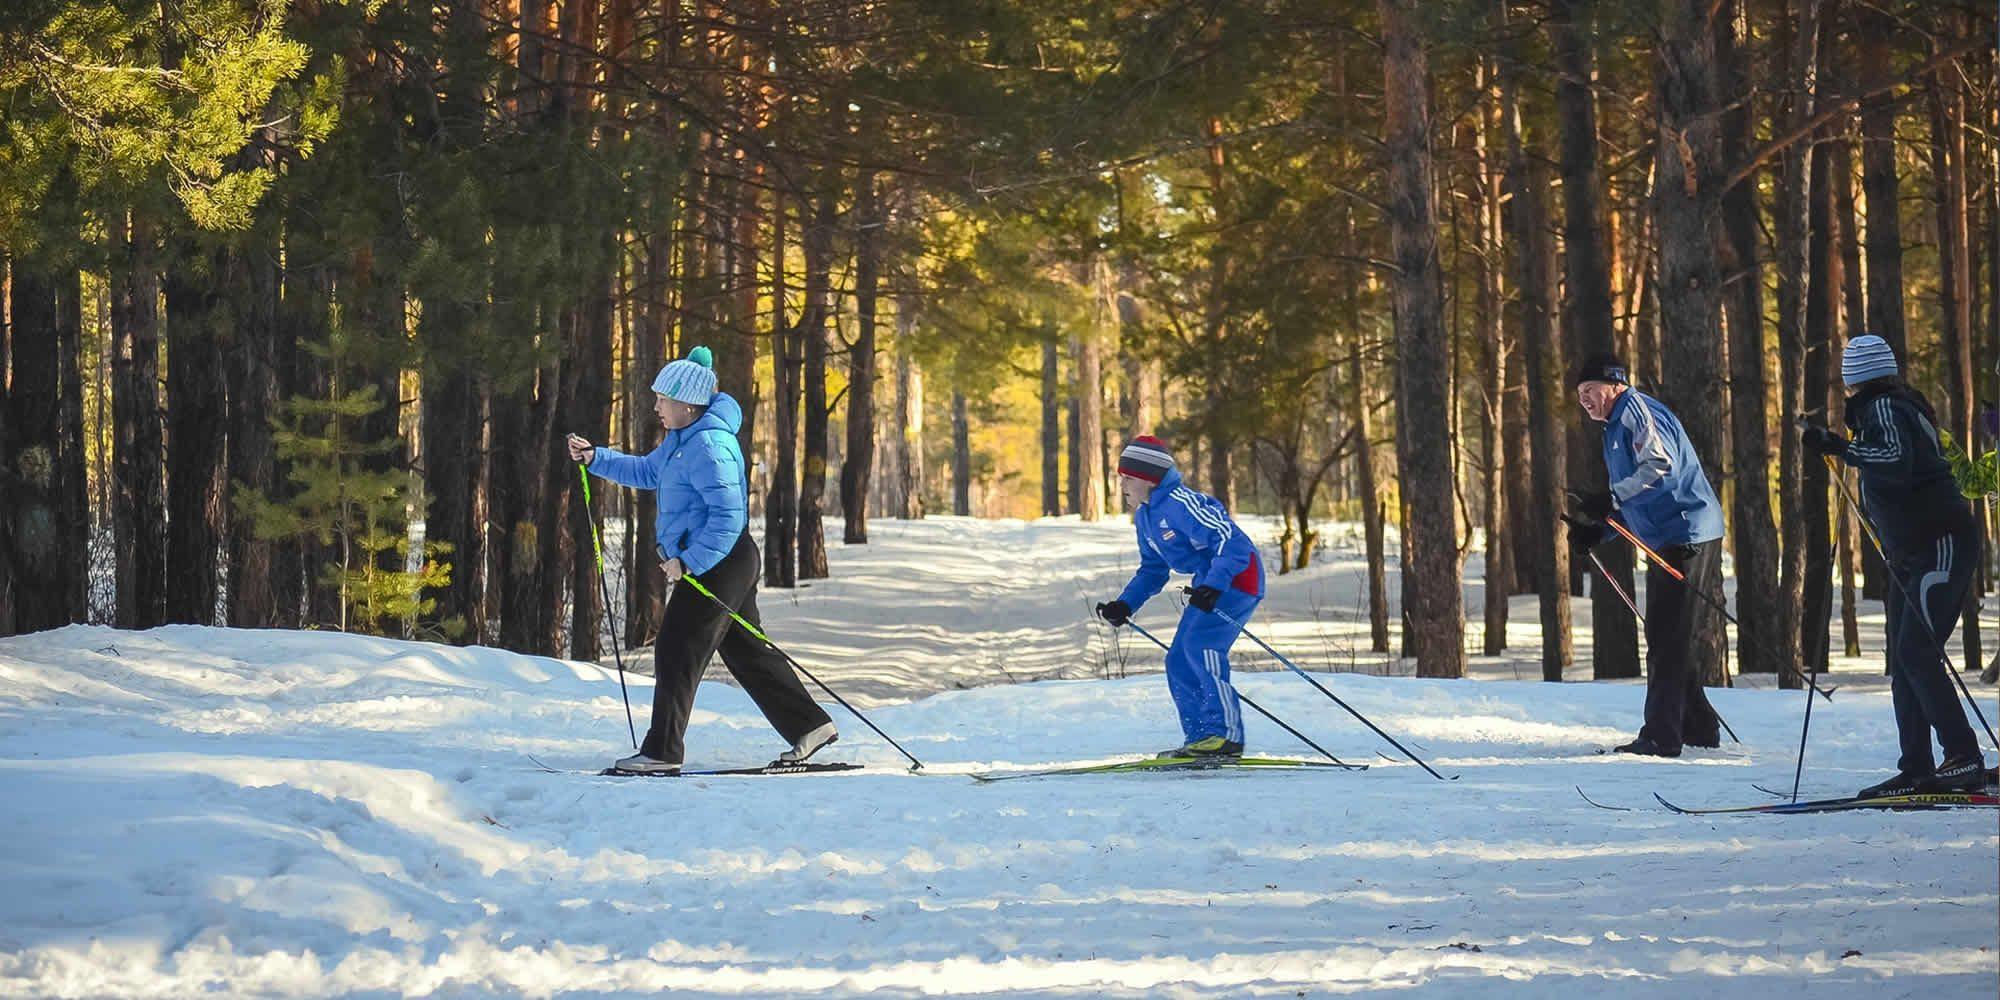 8b237118c69 Kelowna Cross Country Skiing - Adventure Kelowna